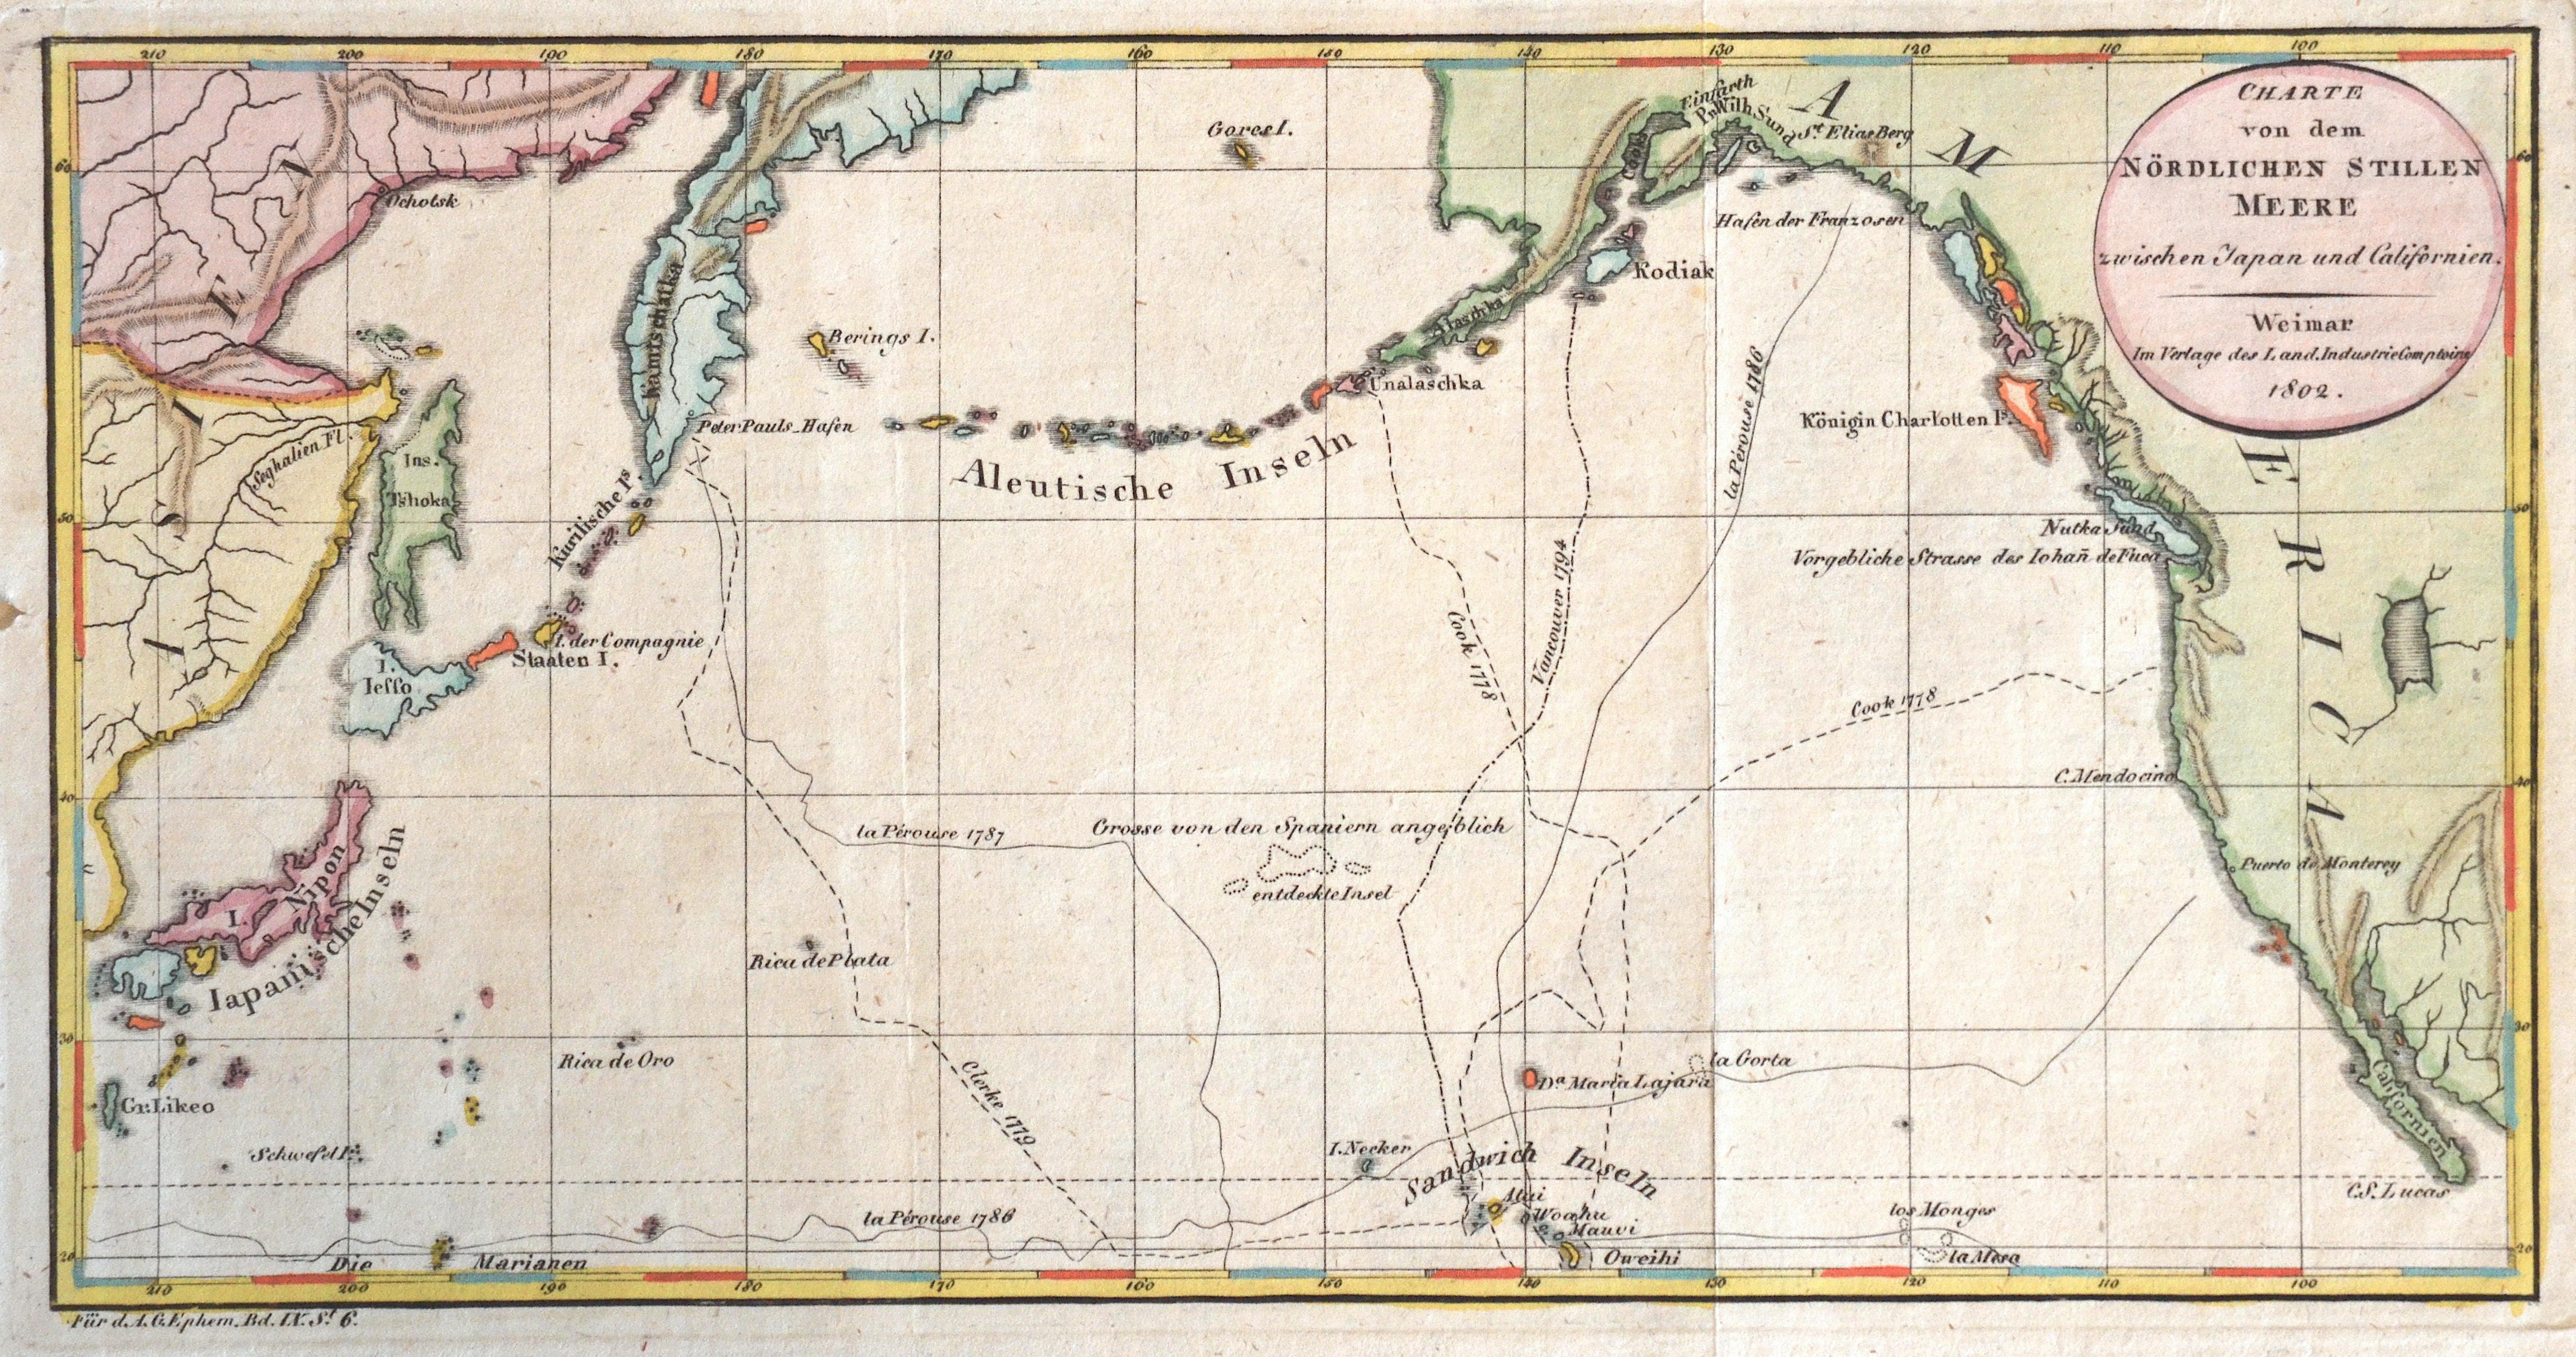 Ephem  Charte von dem Nördlichen Stillen Meere zwischen Japan und Californien.